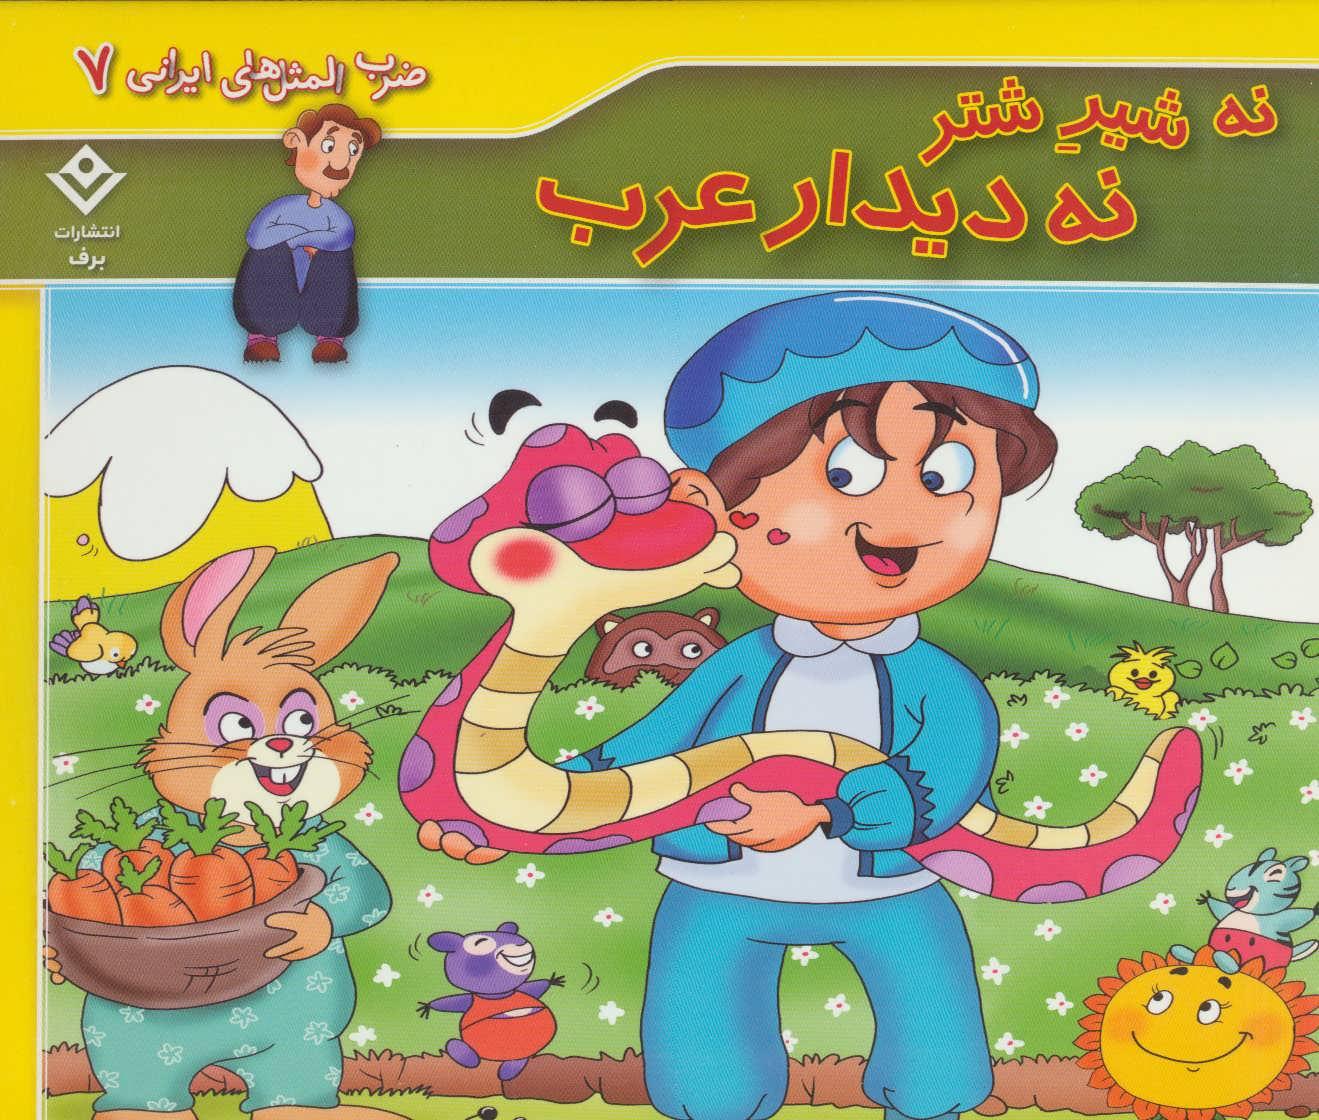 ضرب المثل های ایرانی 7 (نه شیر شتر نه دیدار عرب)